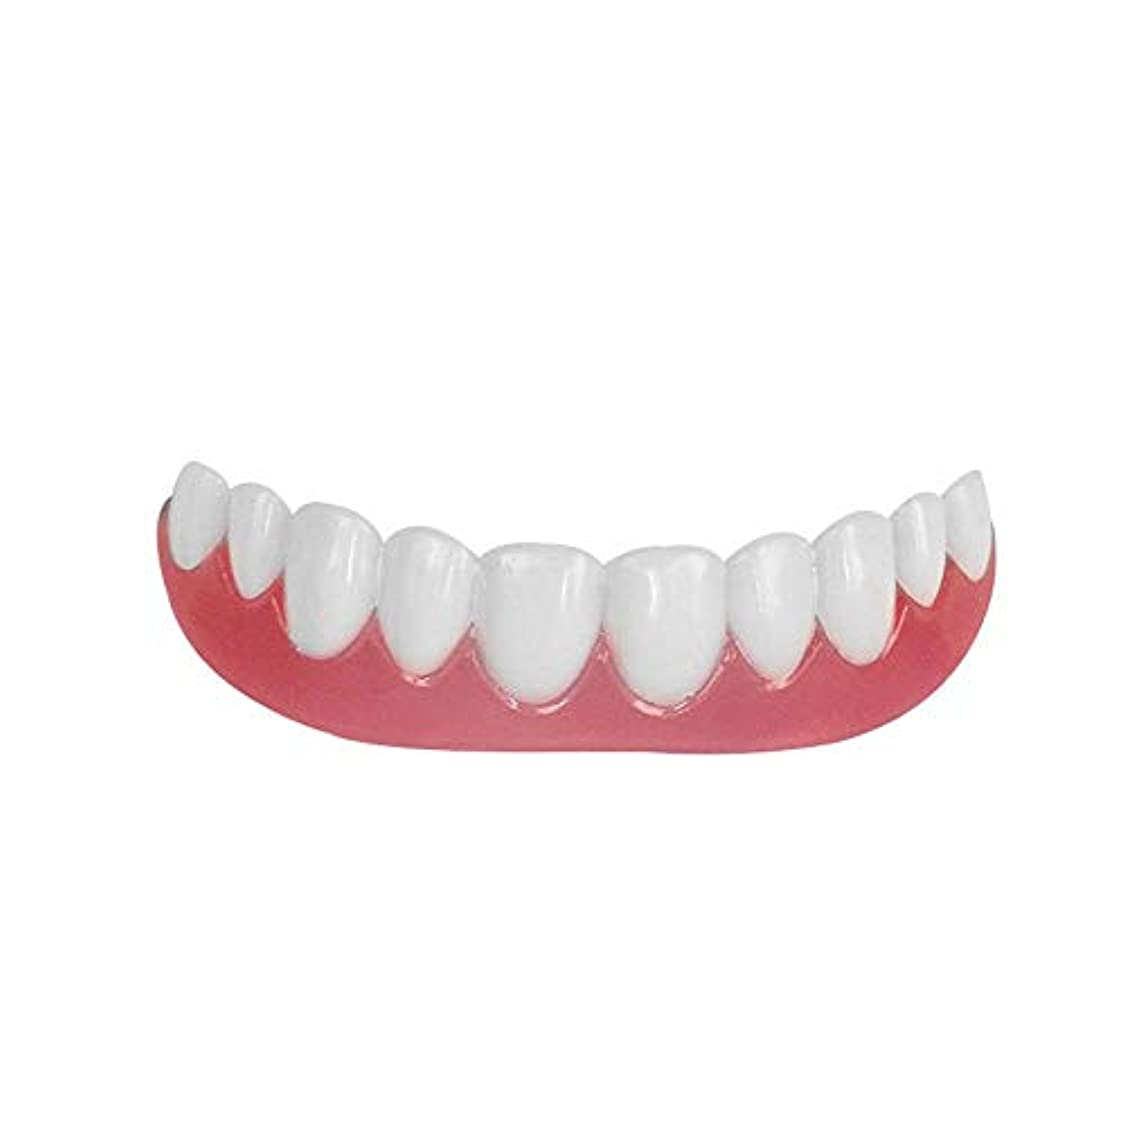 シリコーン模擬歯上歯、ホワイトニングデンタルステッカー、歯ホワイトニングセット(3pcs),A